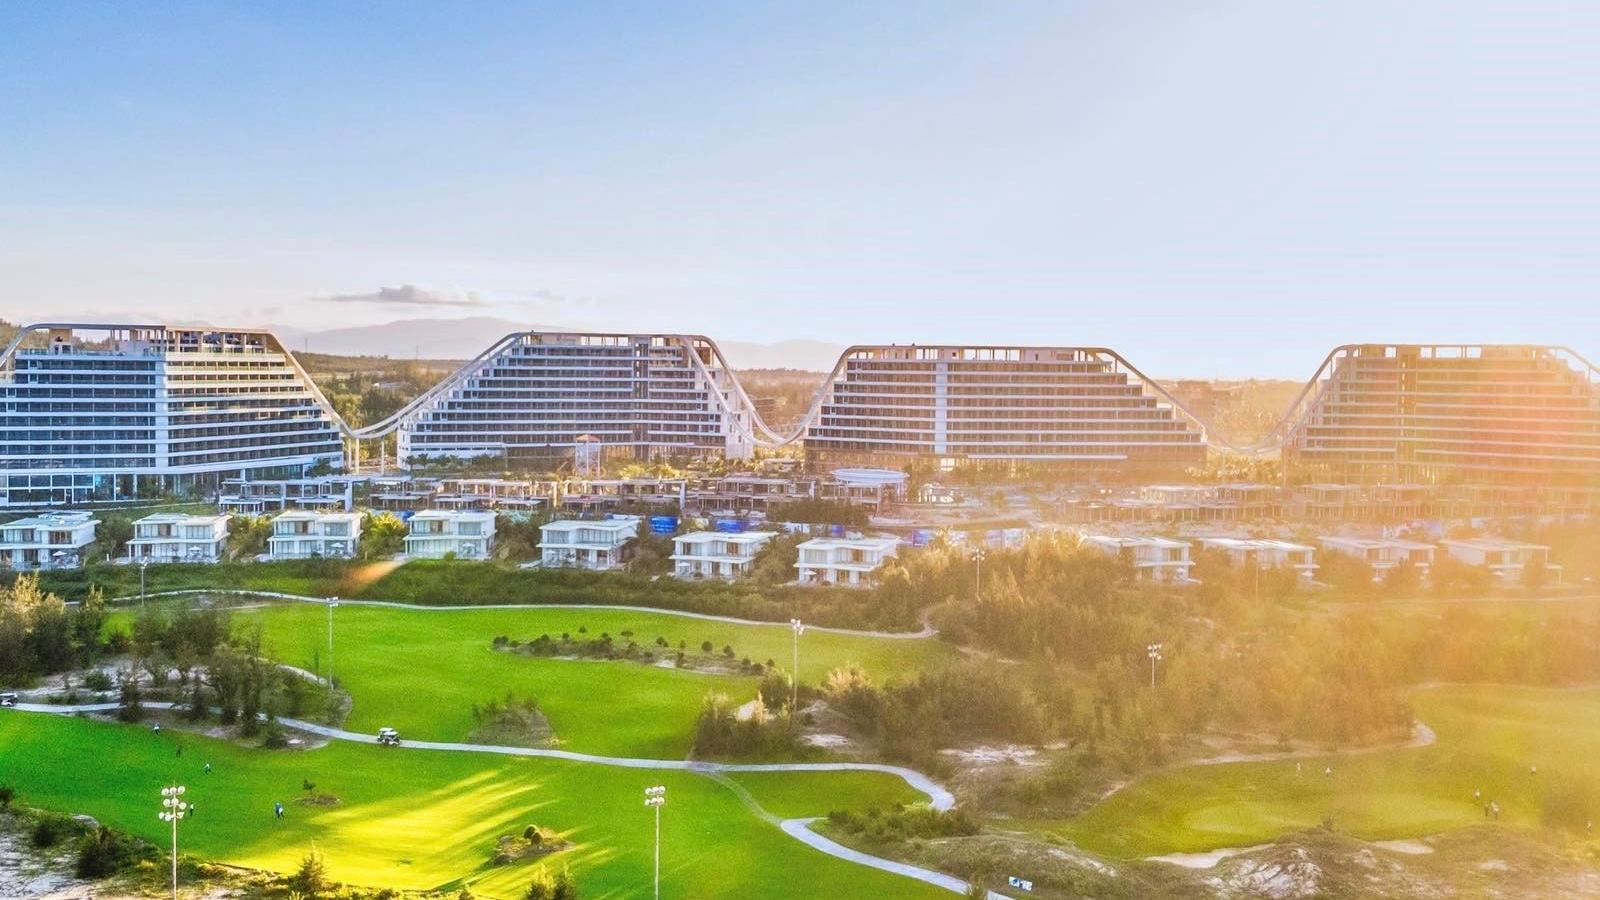 Khánh thành FLC Grand Hotel Quy Nhon - khách sạn quy mô hàng đầu Việt Nam tại Bình Định